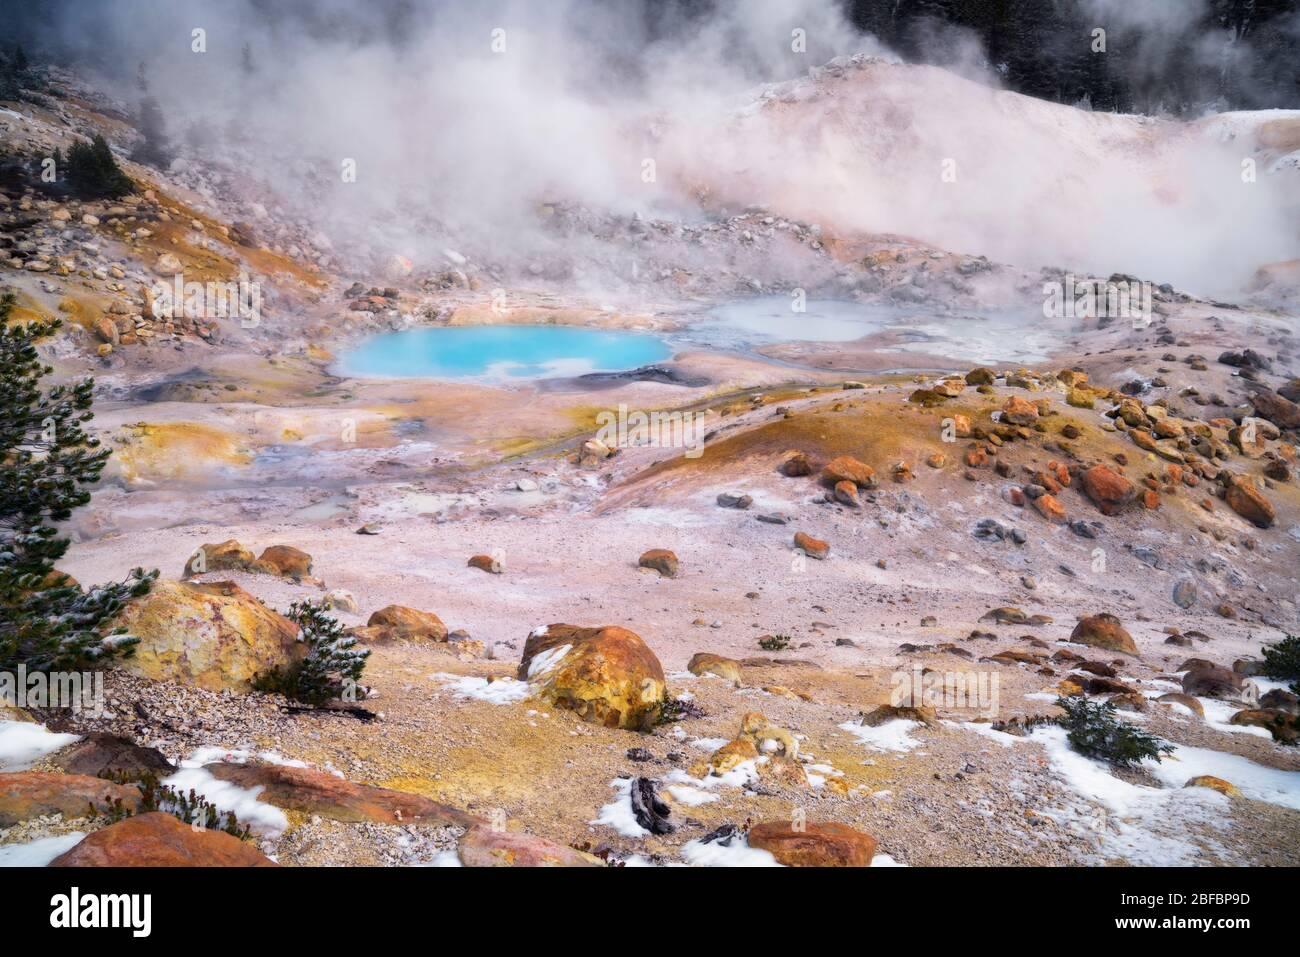 Il vapore sale dalla piscina turchese e dalle numerose caratteristiche geotermiche che si trovano al Bumpass Hell nel Lassen Volcanic National Park della California. Foto Stock